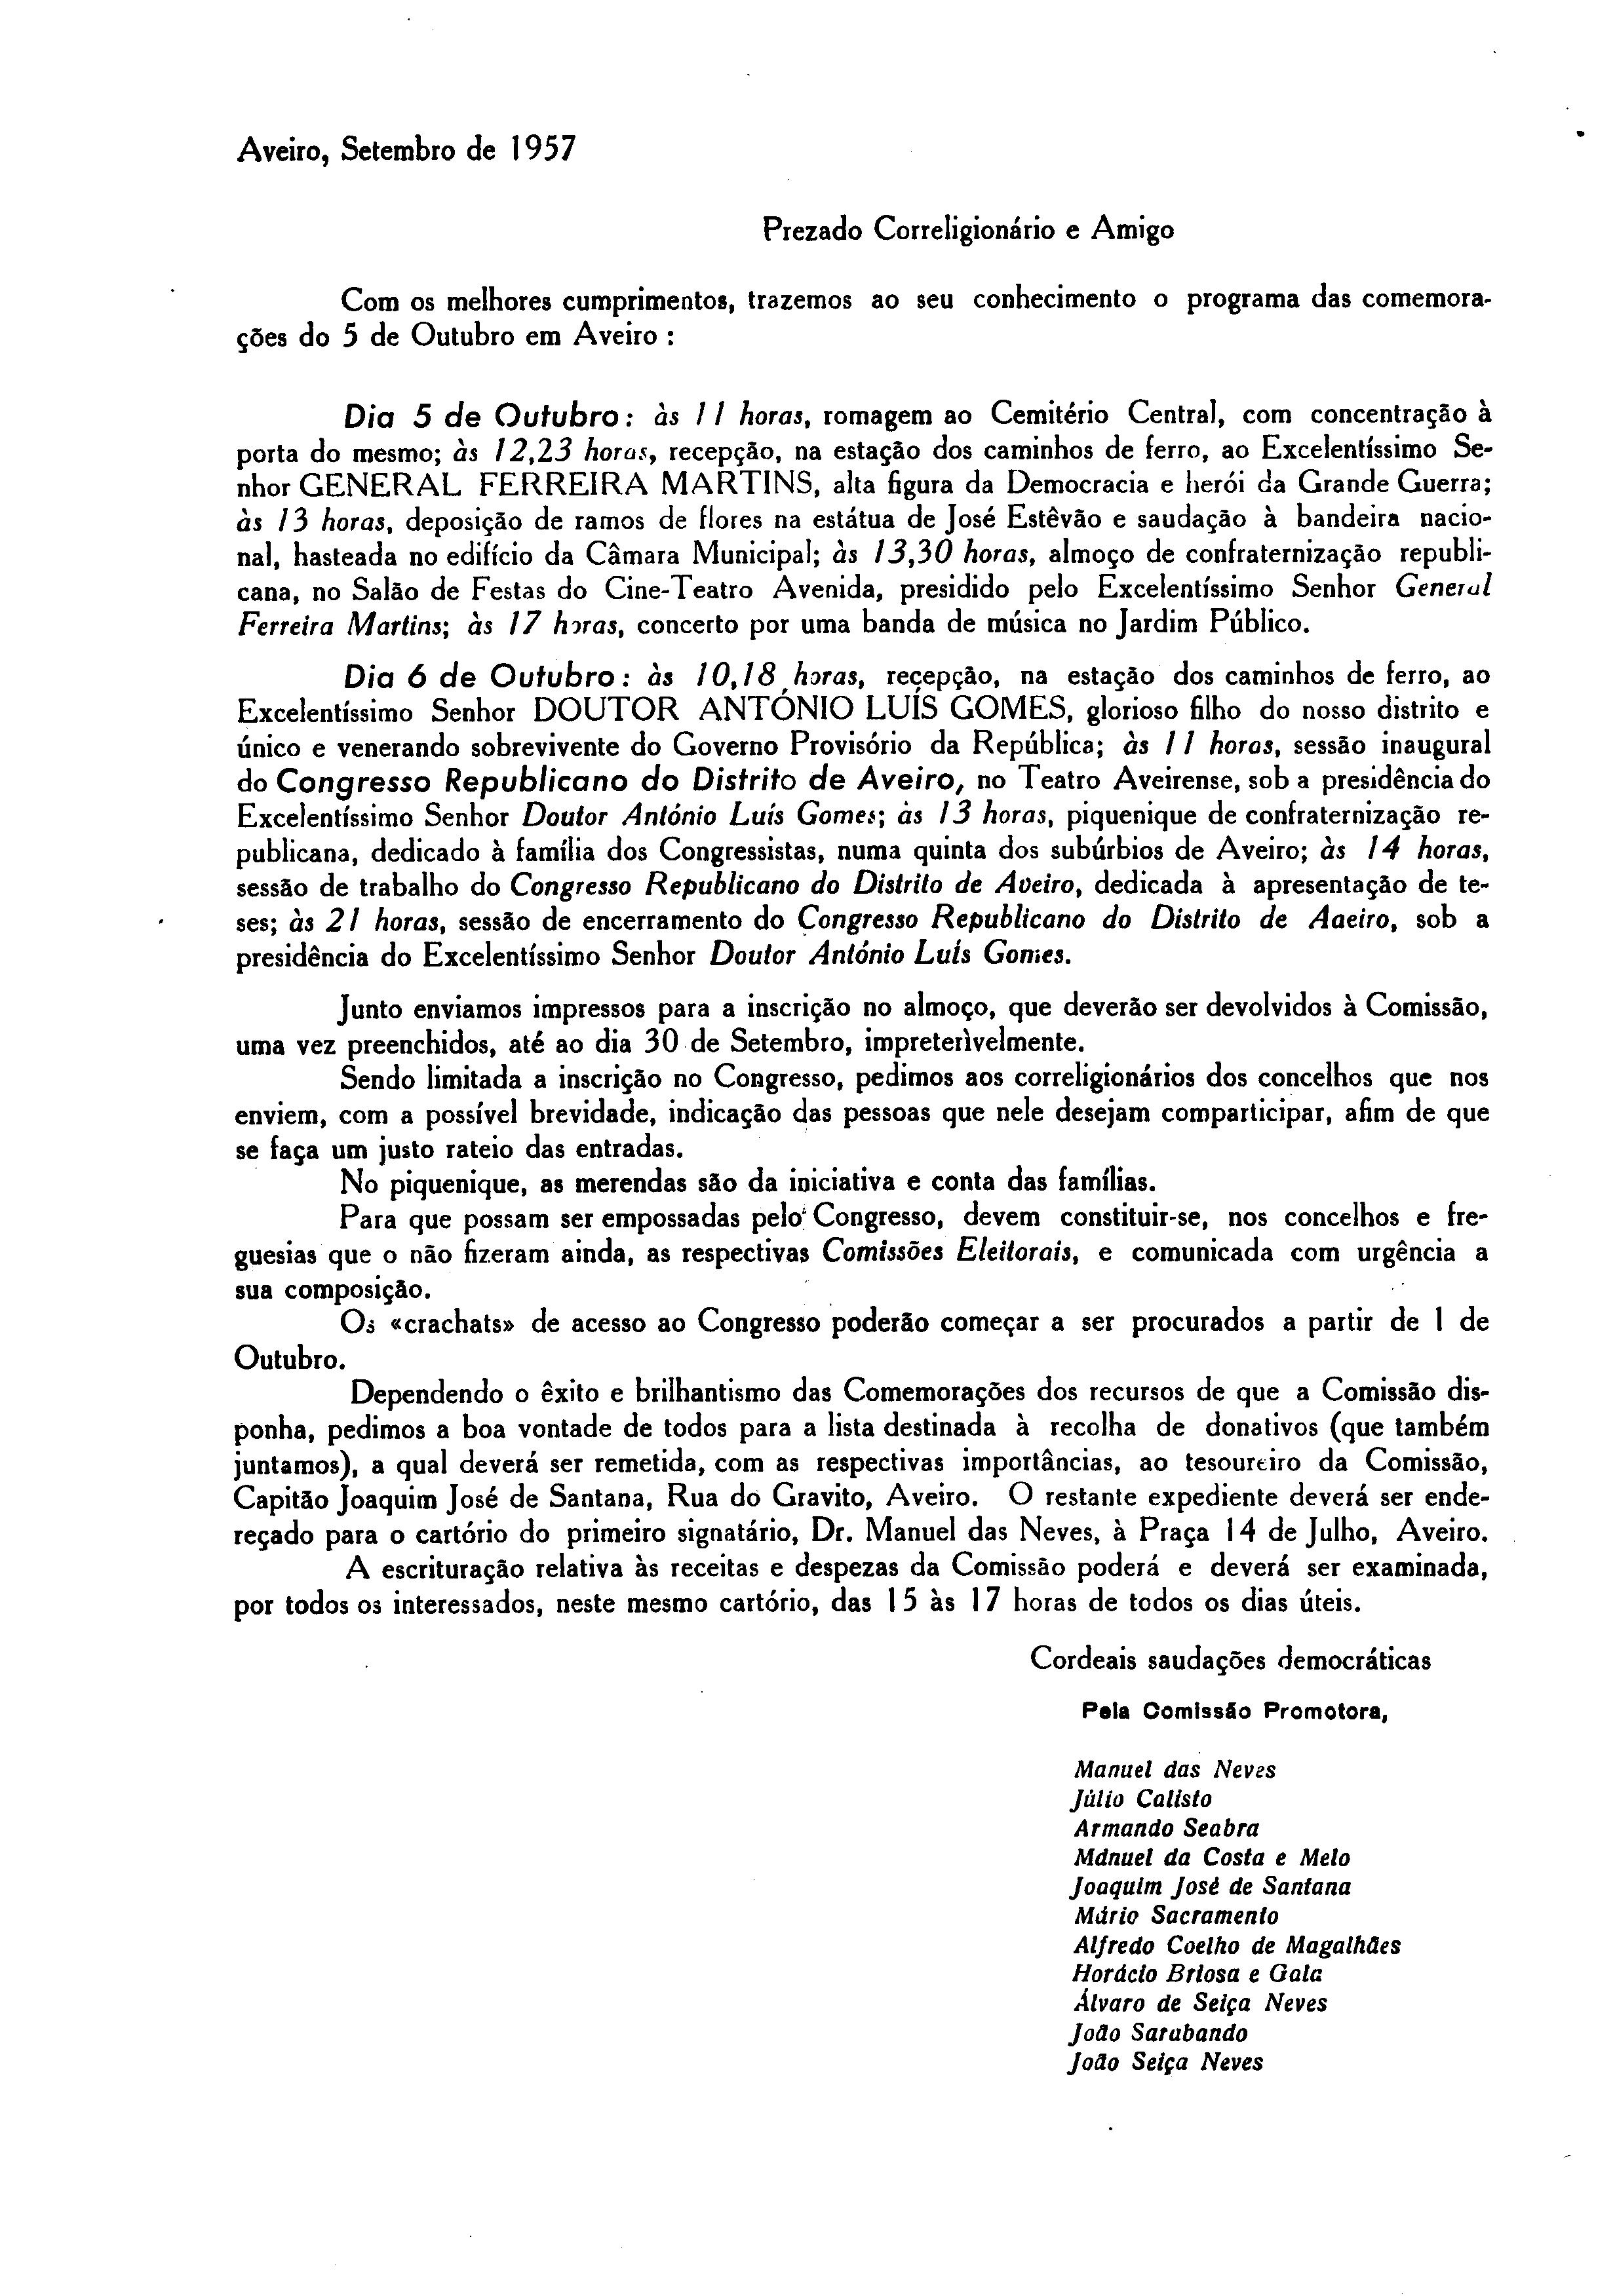 02609.004- pag.2